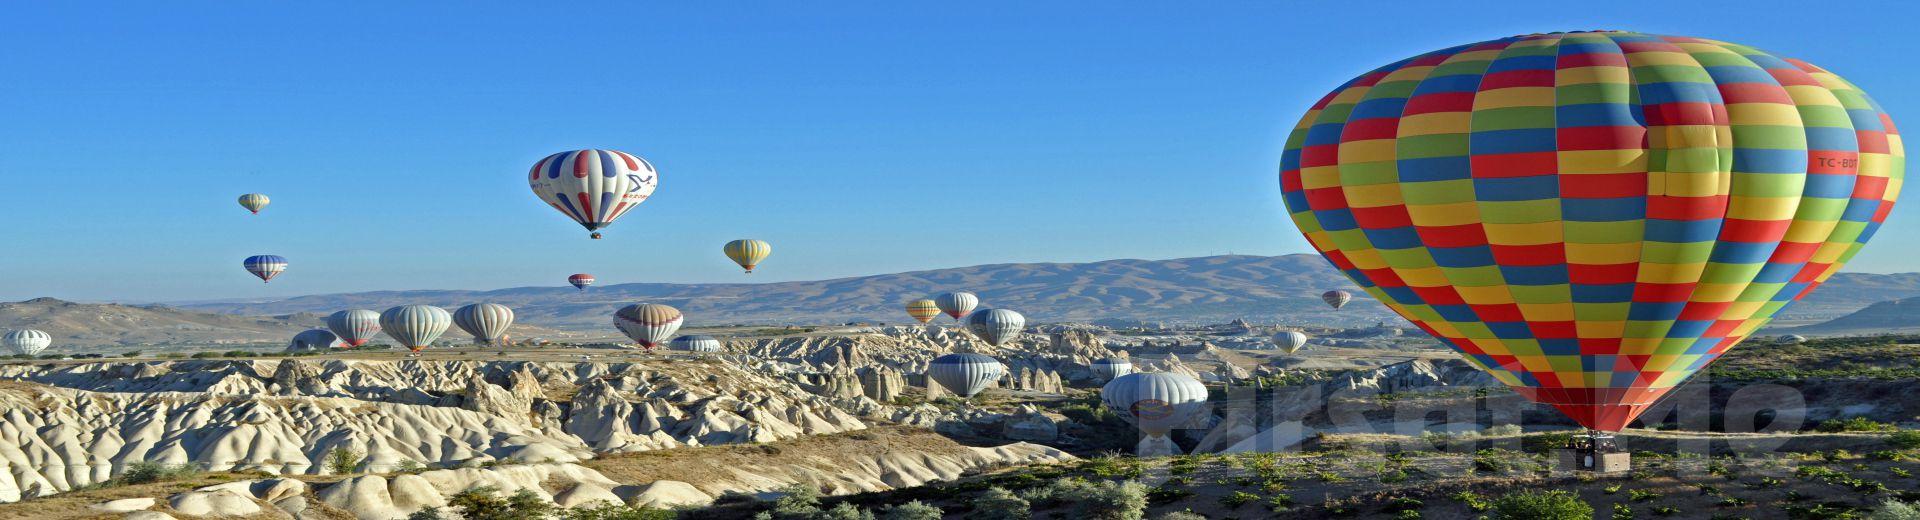 Kapadokya'nın Manzarasını Bulutlara Çıkıp Görmeden Dönmeyin! Sarıçamlar Turizm'den Muhteşem Kapadokya Balon Turu!